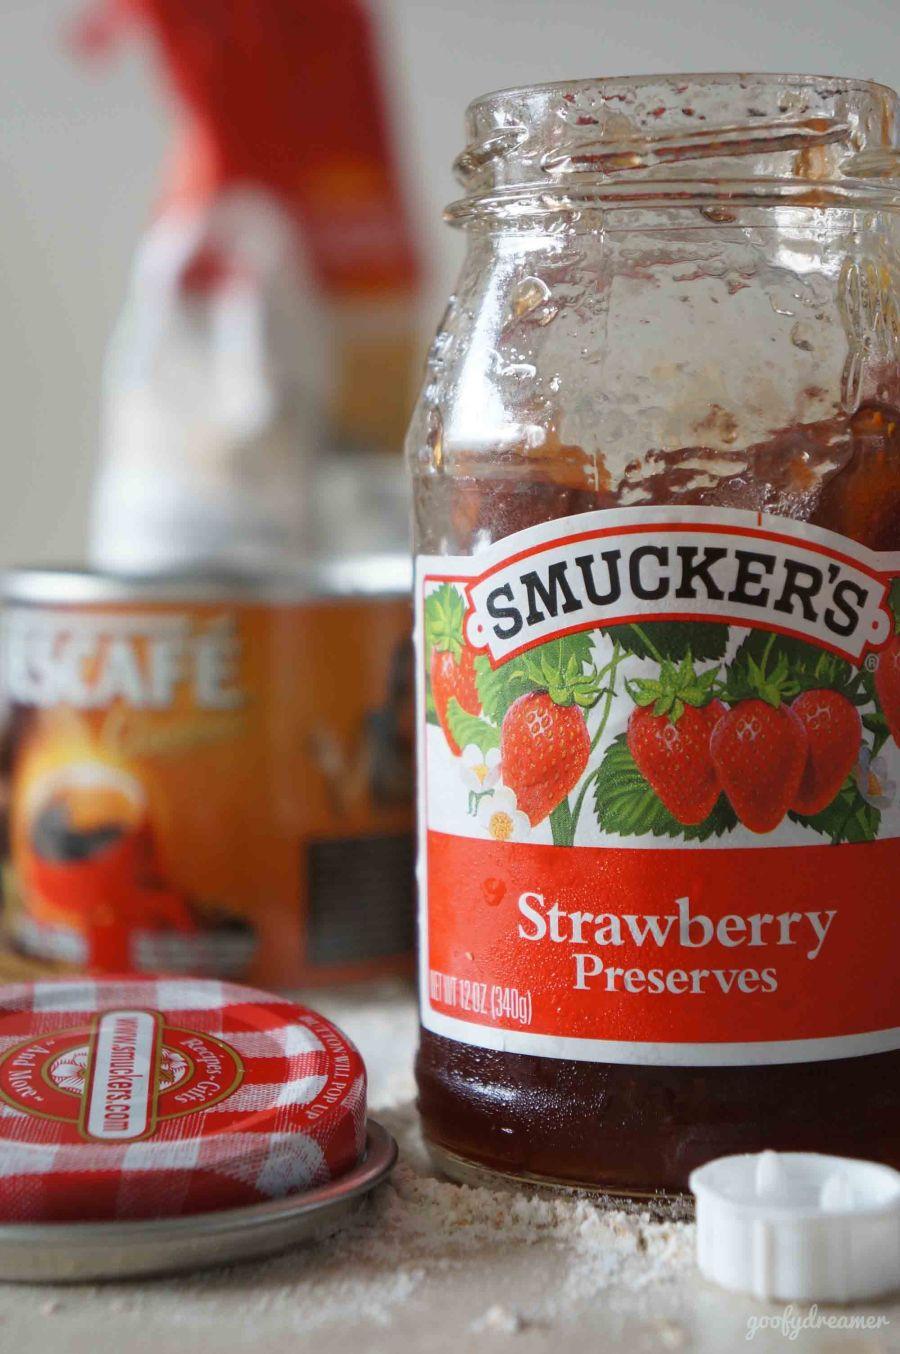 Sejujurnya saya jauh lebih suka mengolah buah strawberry segar menjadi selai daripada membeli jadi, tapi Smuckers ini bukan pilihan buruk.